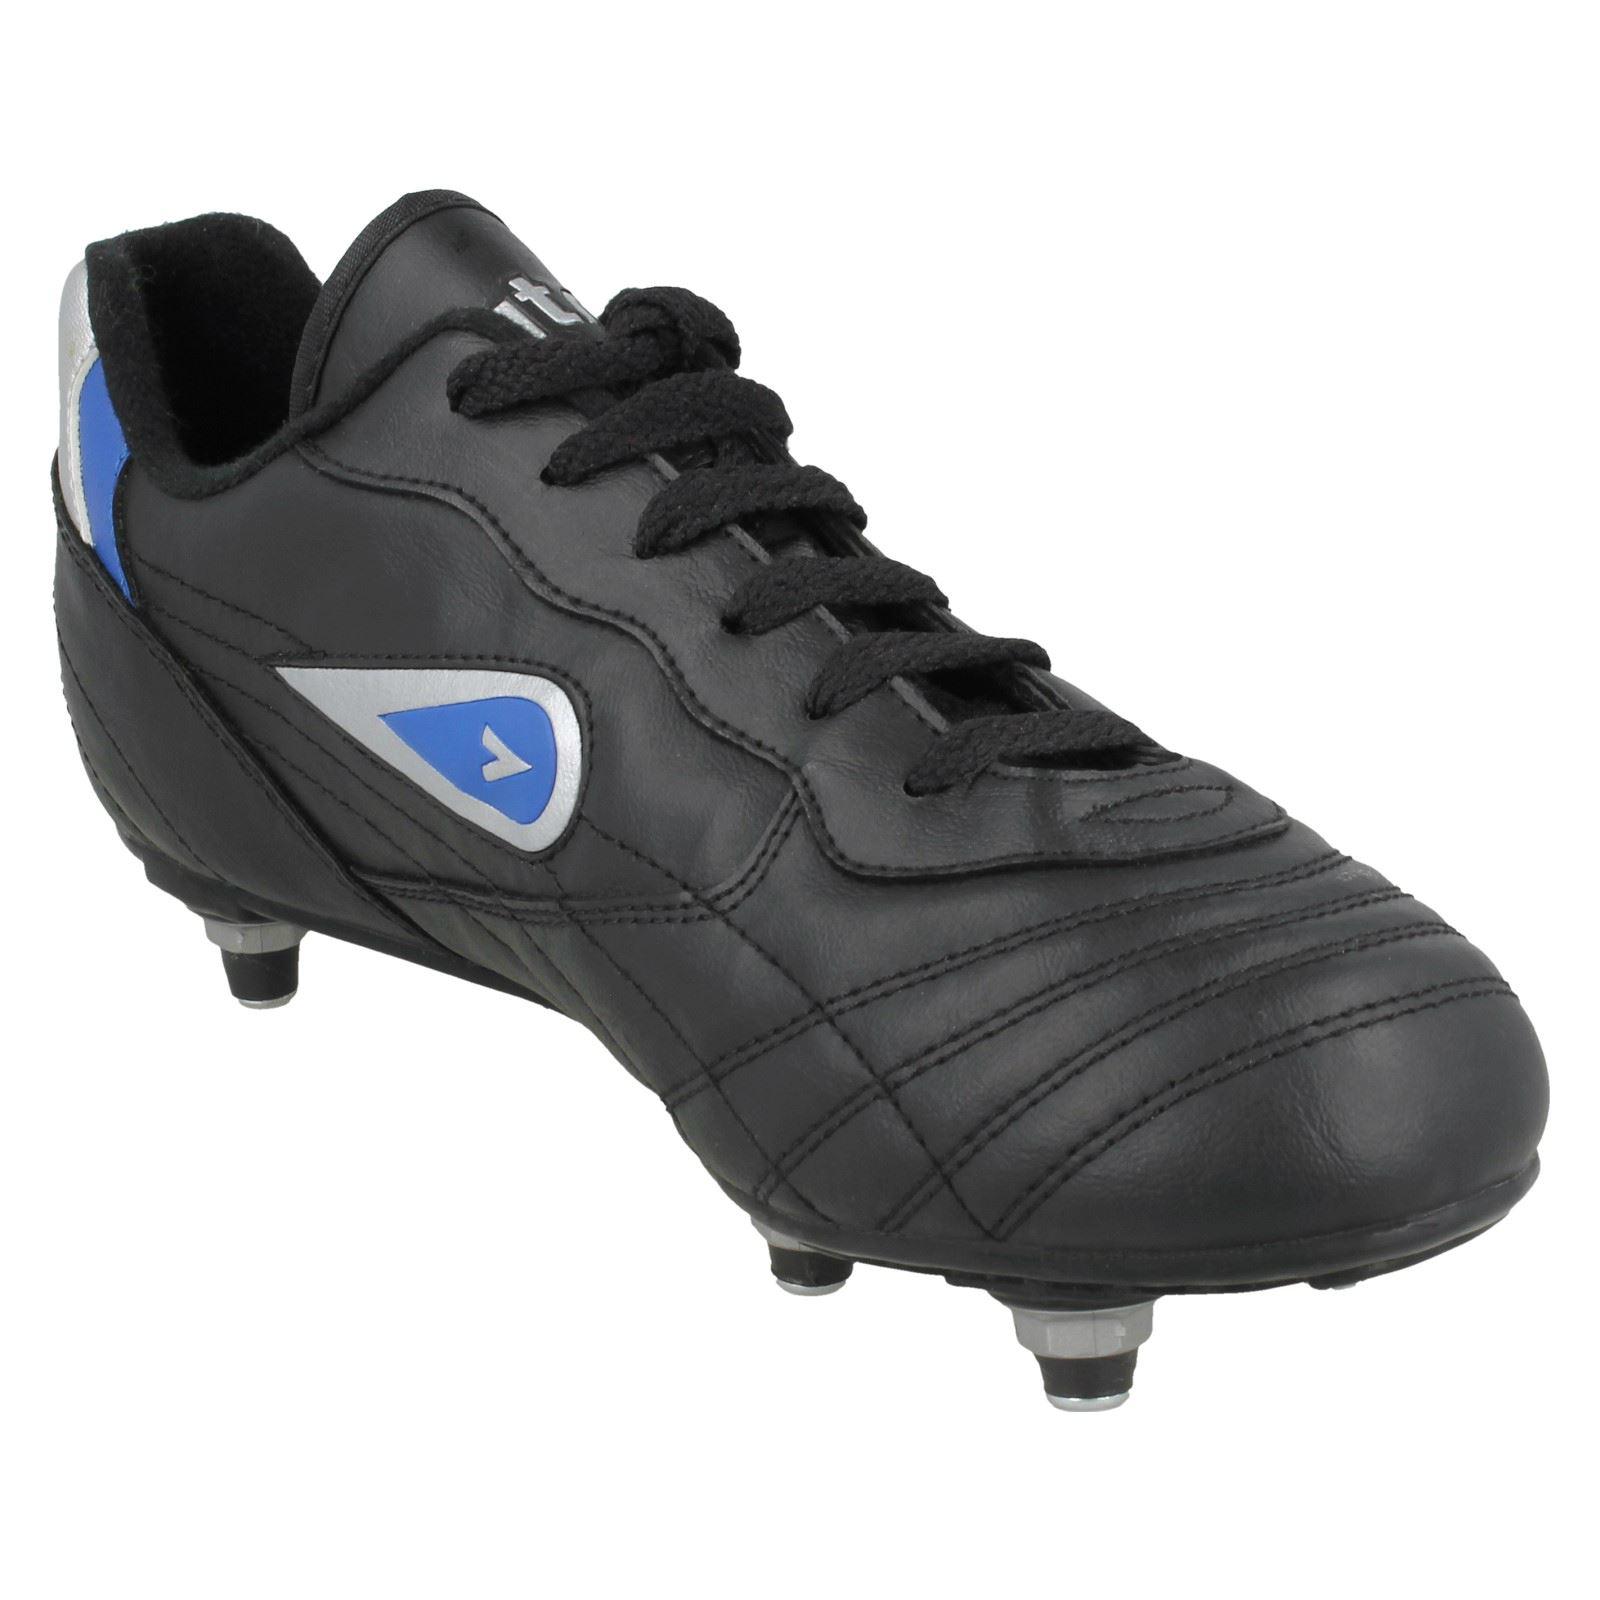 Mitre chicos Tornillo en botas de fútbol-Galaxy